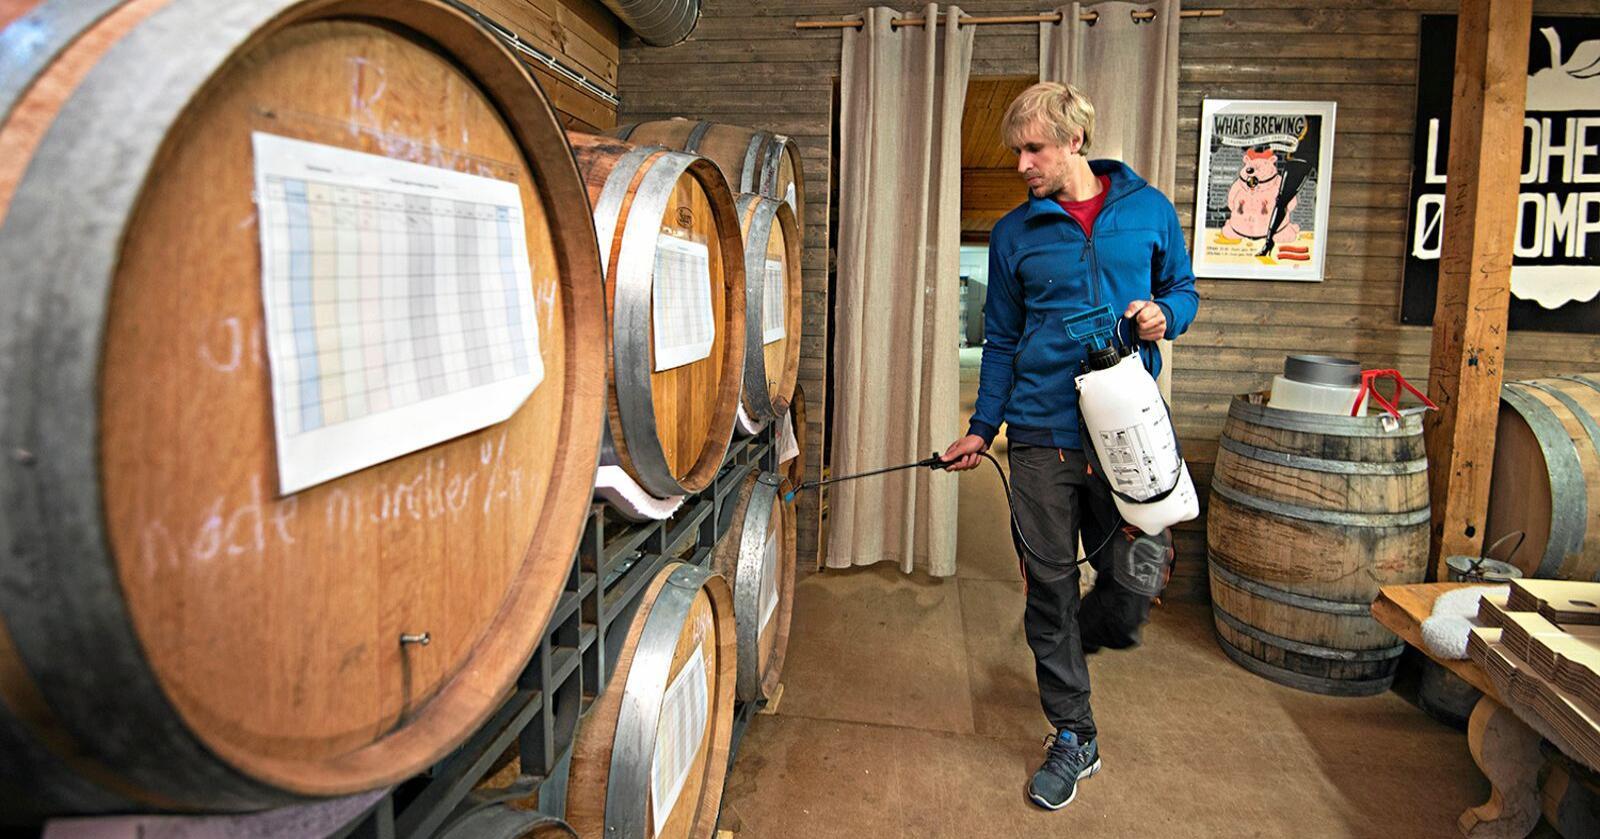 – Kunnskapen vi får fra forskningen om gjær- og bakteriestammene her på gården og i bryggeriet gjør at vi kan lage nye, særpregede øltyper, sier Eivin Eilertsen.Foto: Jon-Are Berg-Jacobsen, Nofima